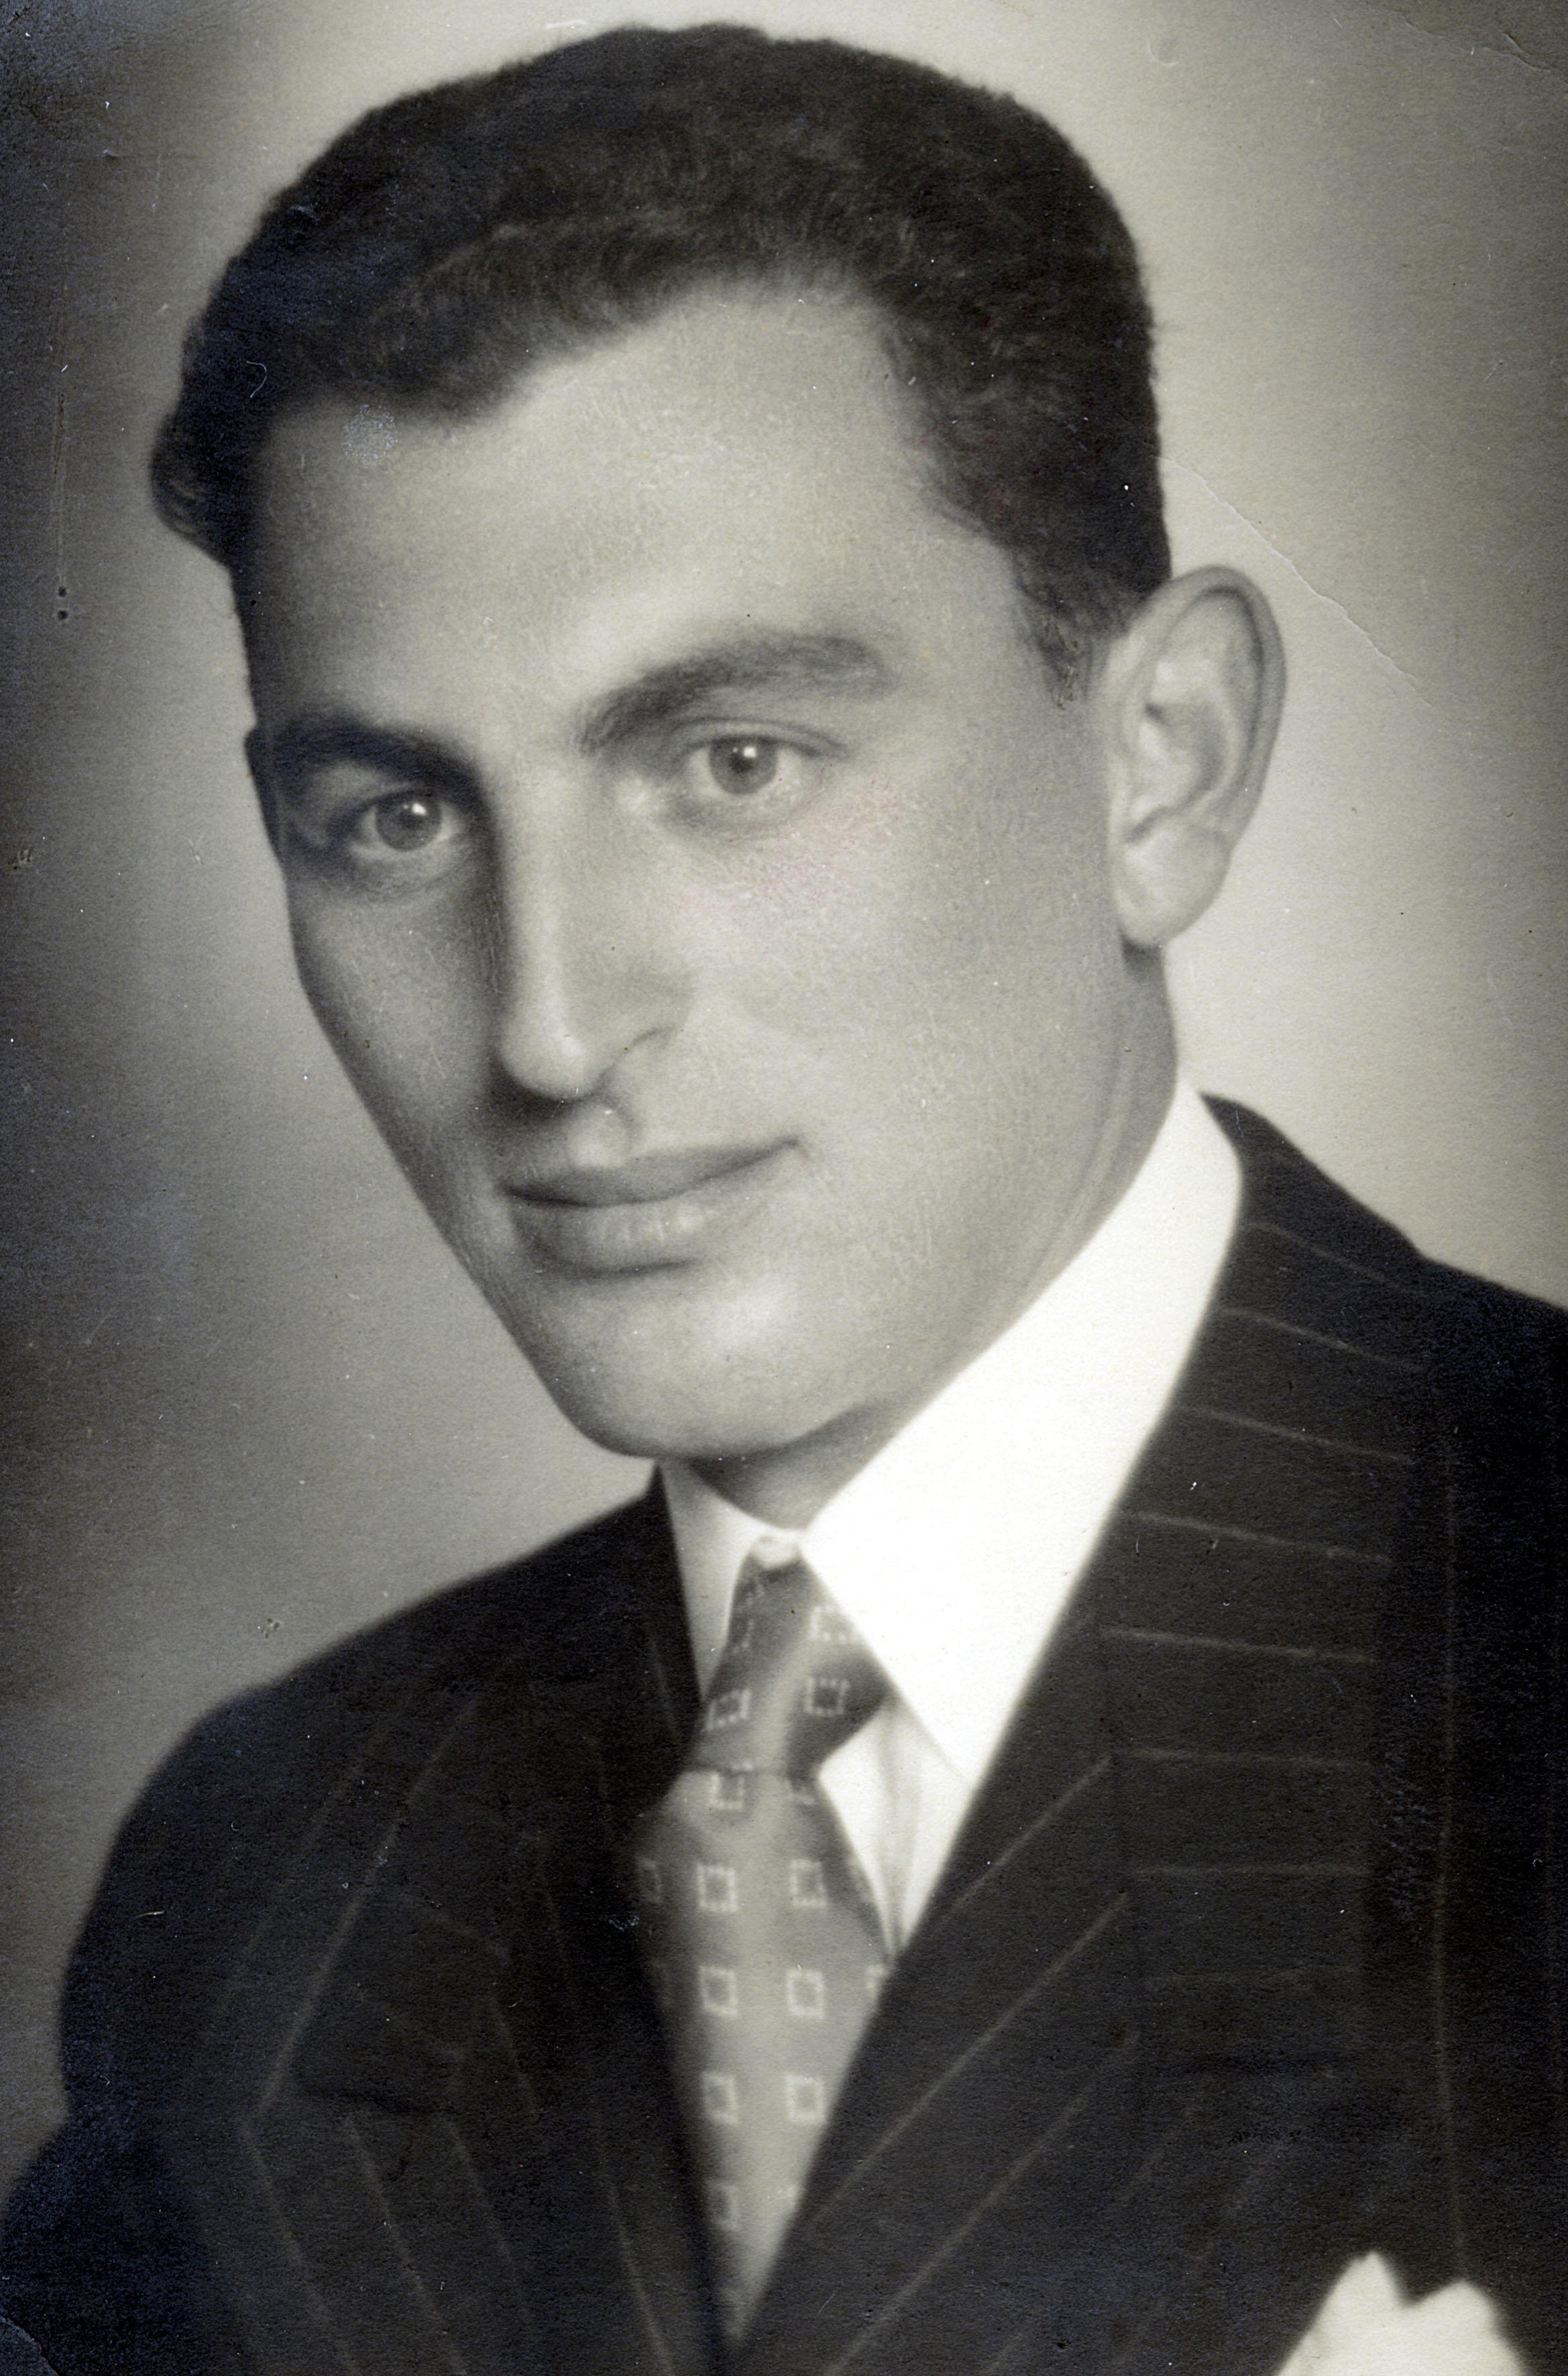 Ignatz Blum